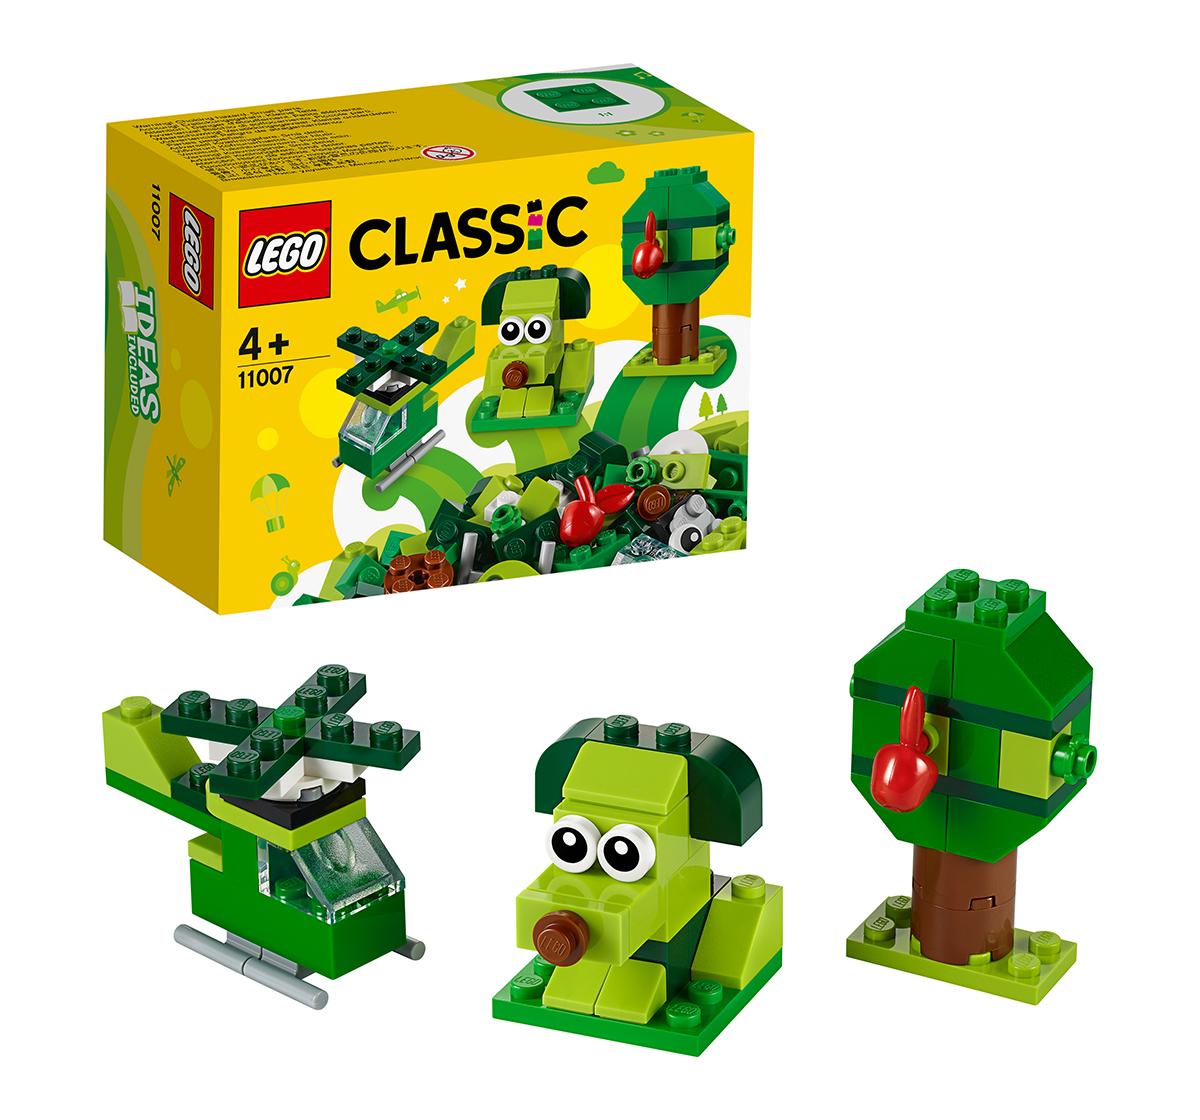 LEGO | LEGO 11007 Creative Green Bricks Lego Blocks for Kids age 4Y+